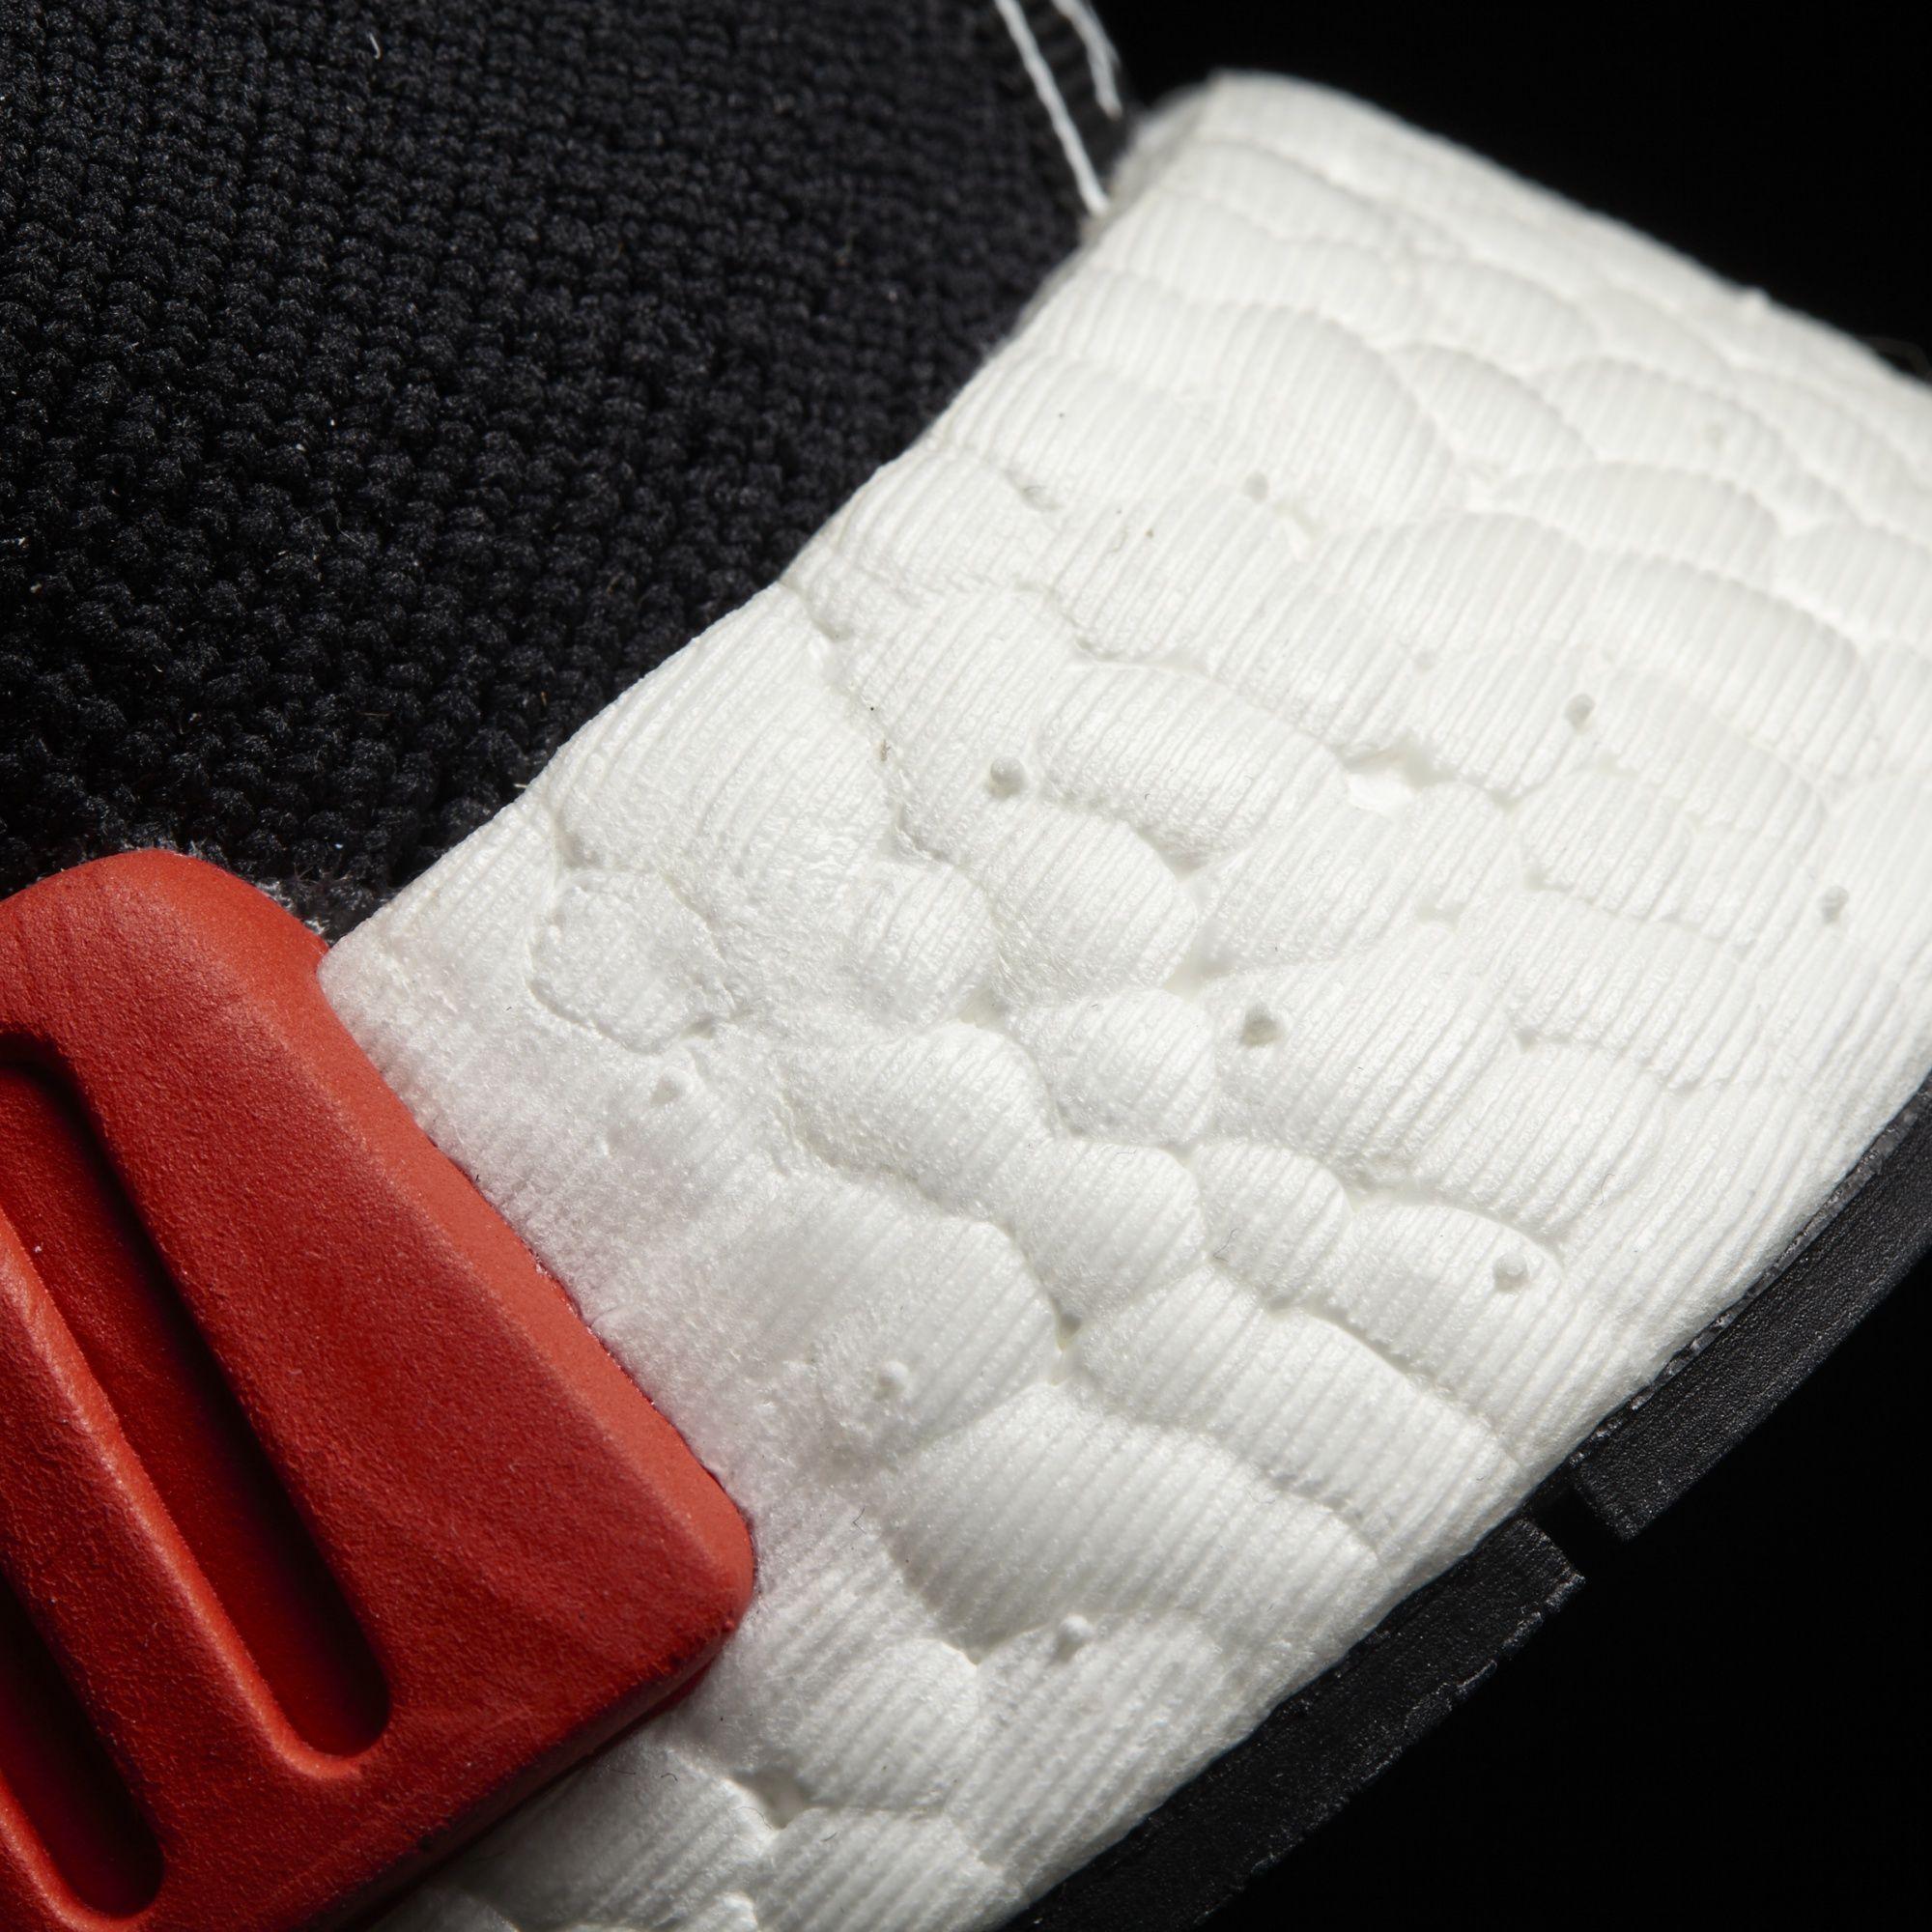 adidas nmd runner restock